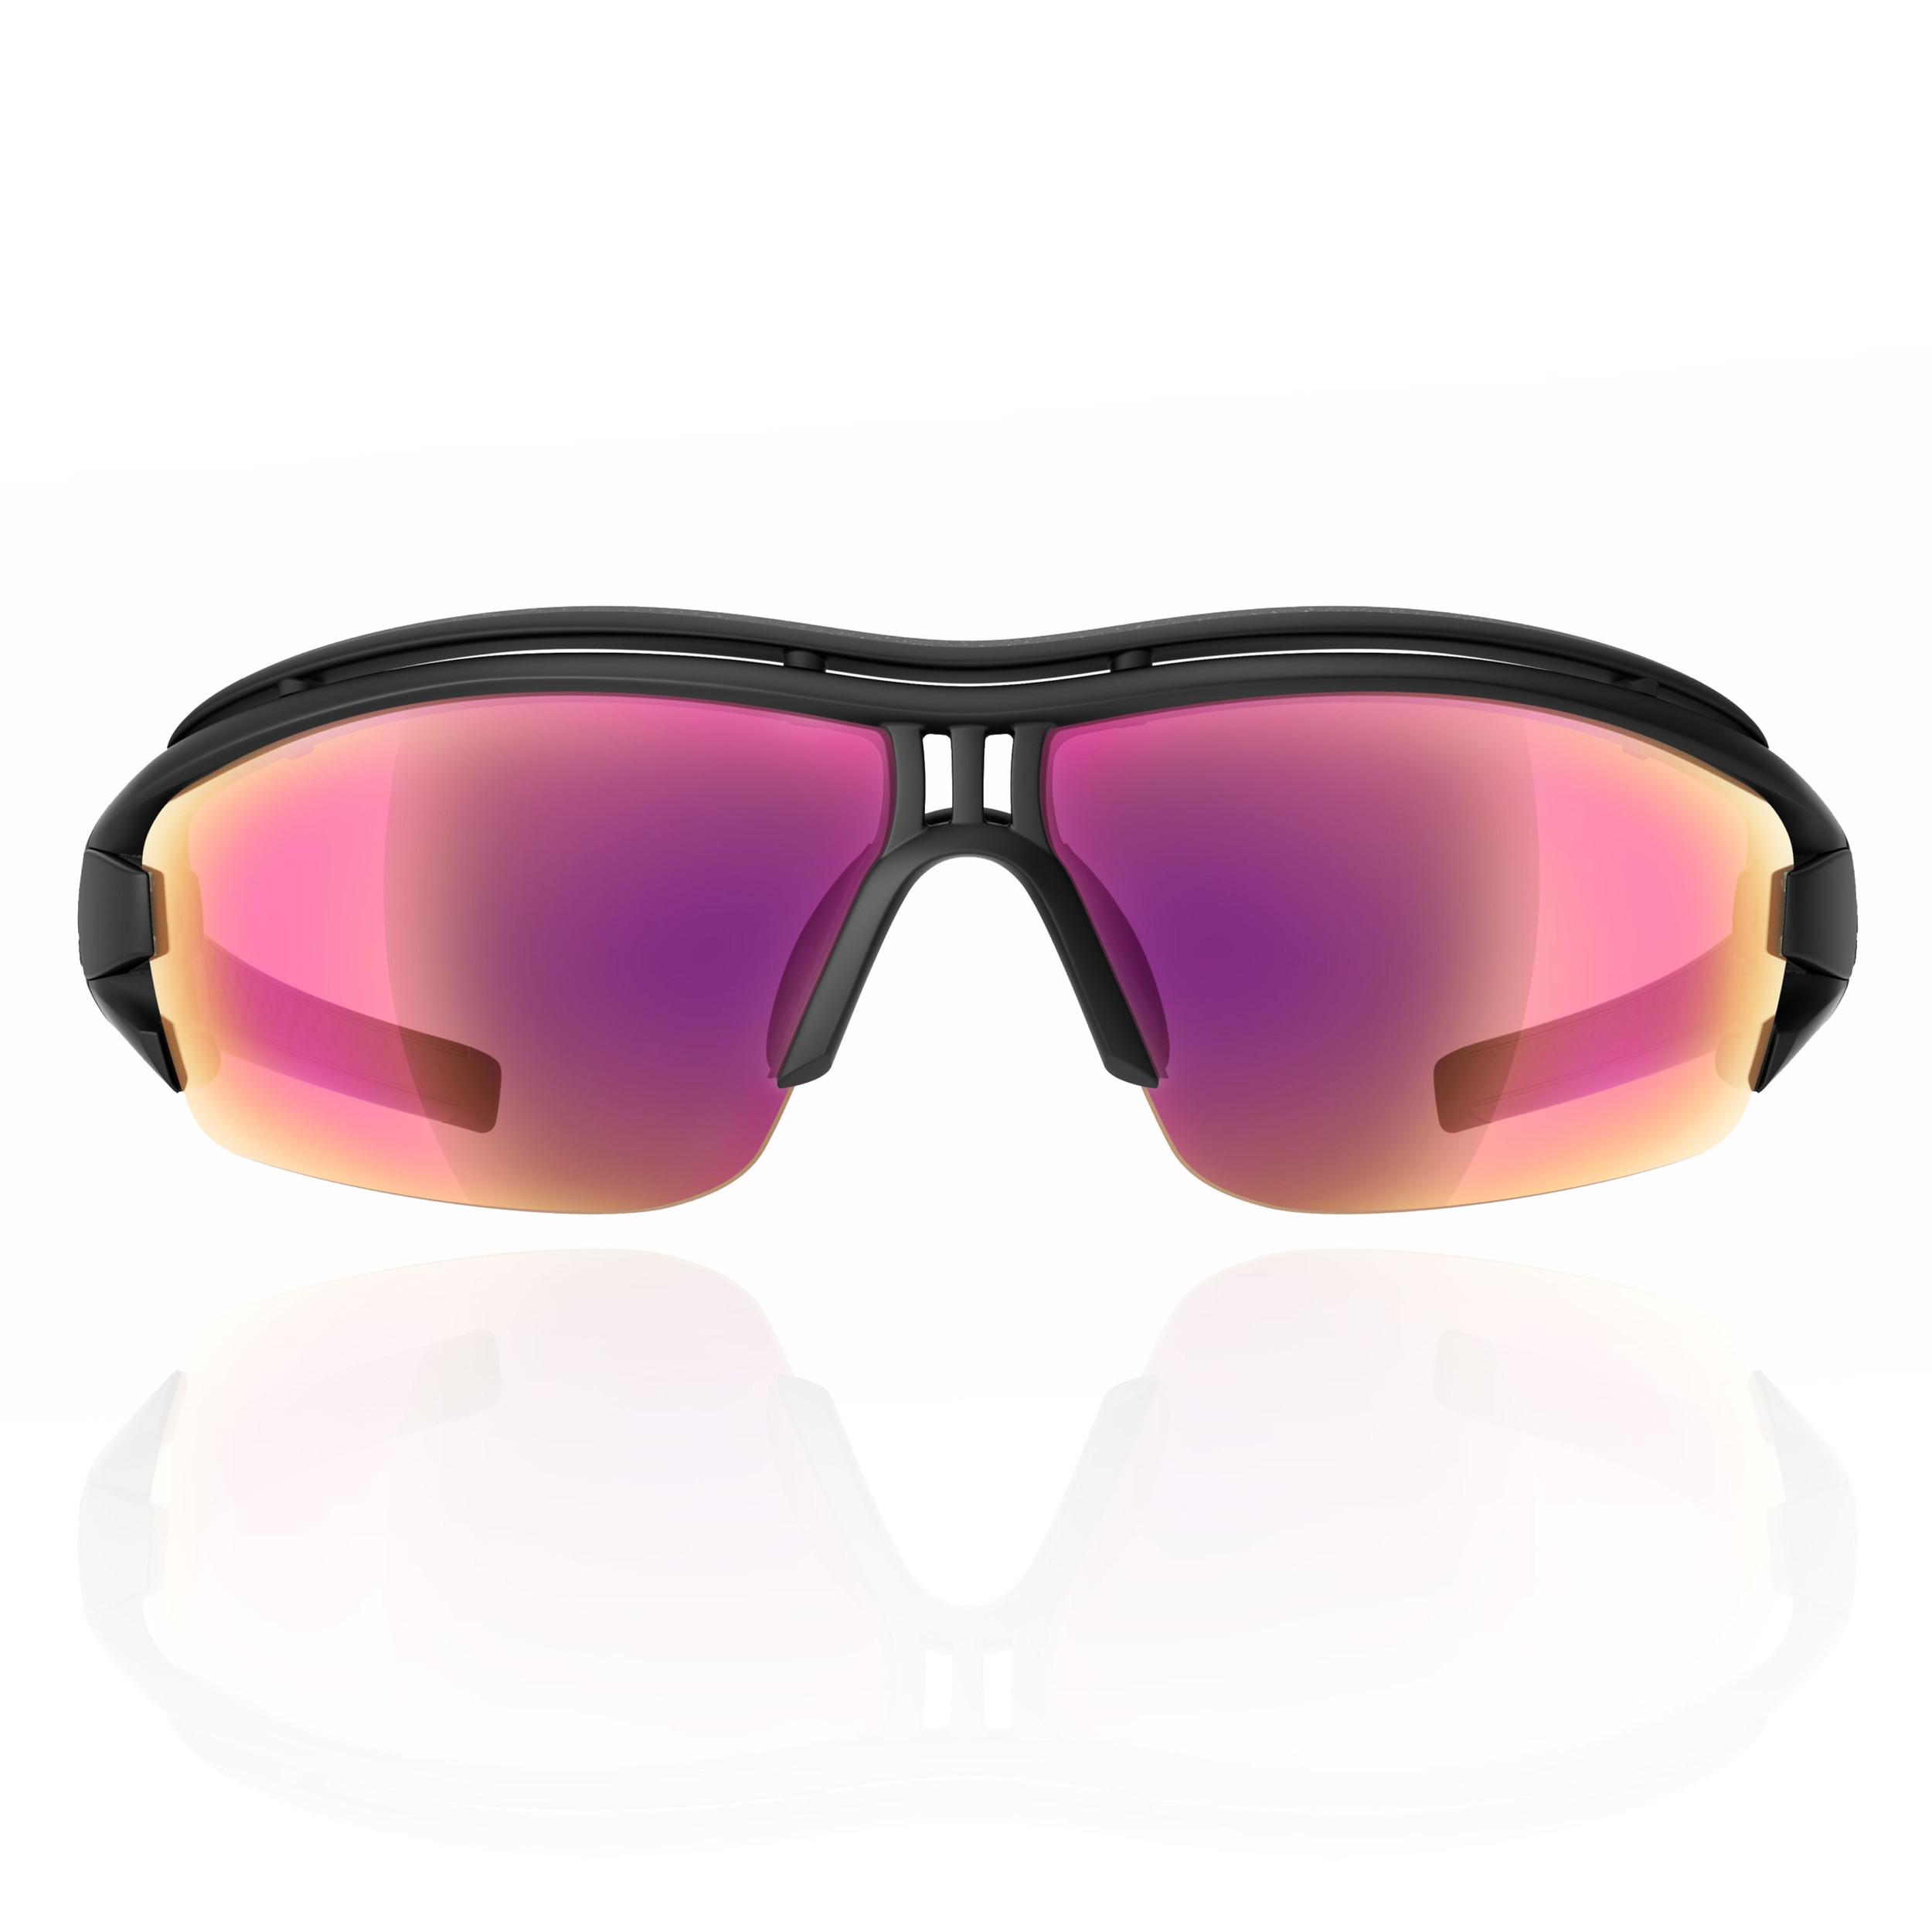 255917a65c5d5 adidas Unisexe Evil Eye Halfrim Lunettes De Soleil Sports Cyclisme Jogging  Noir